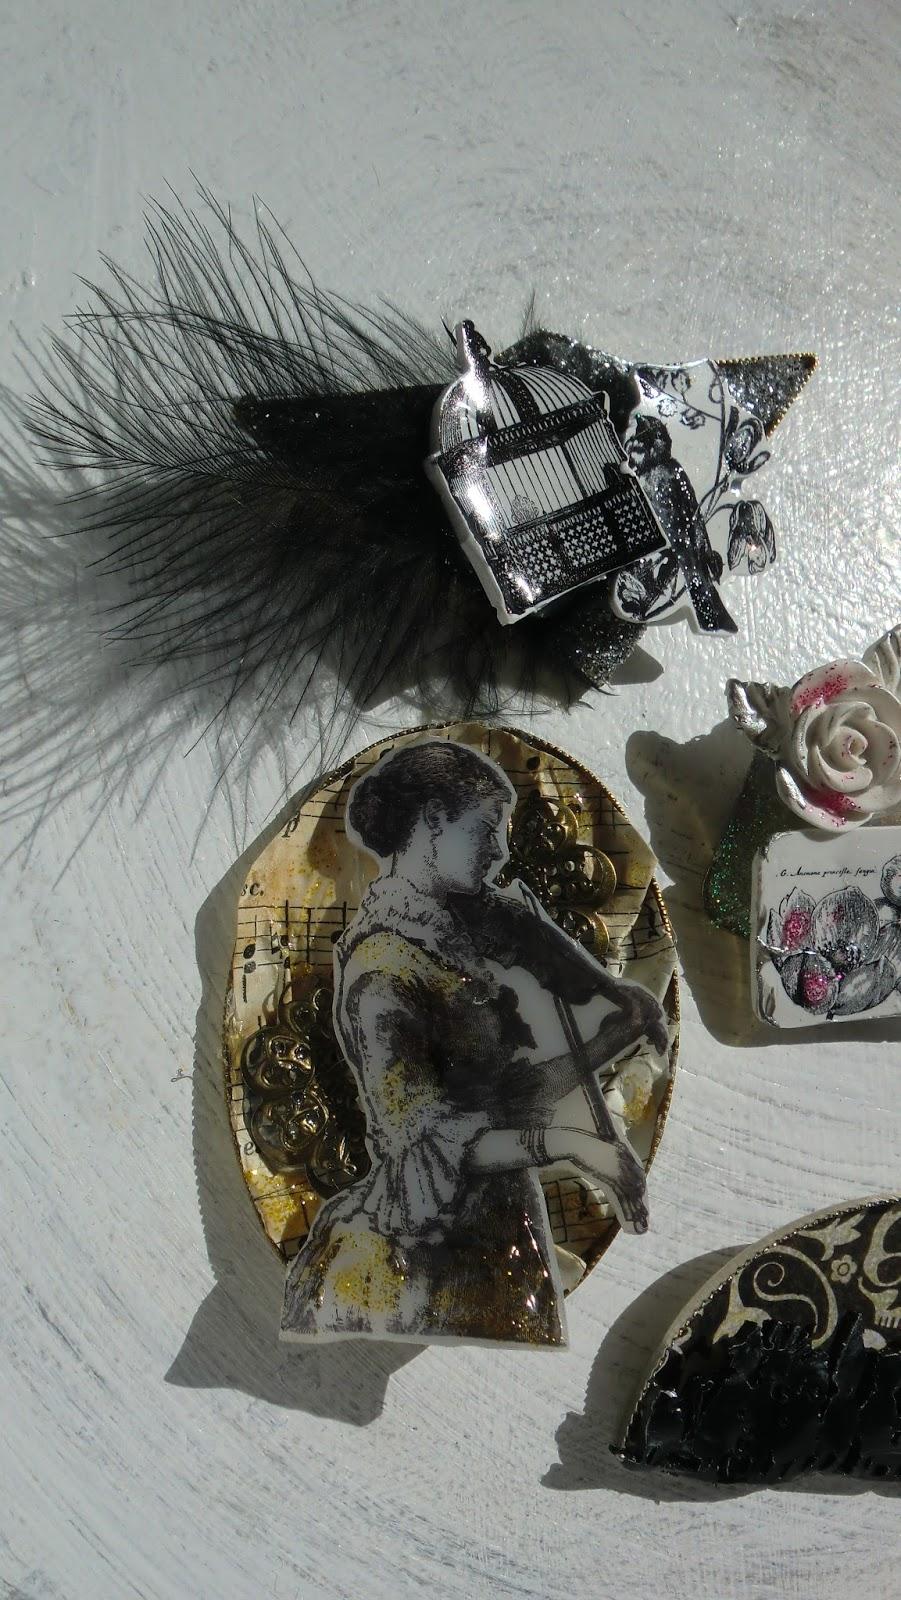 http://4.bp.blogspot.com/-tLJ2hfTEU5s/UhIjYGPio4I/AAAAAAAAAto/JXtwK8bomJk/s1600/CIMG3802.JPG